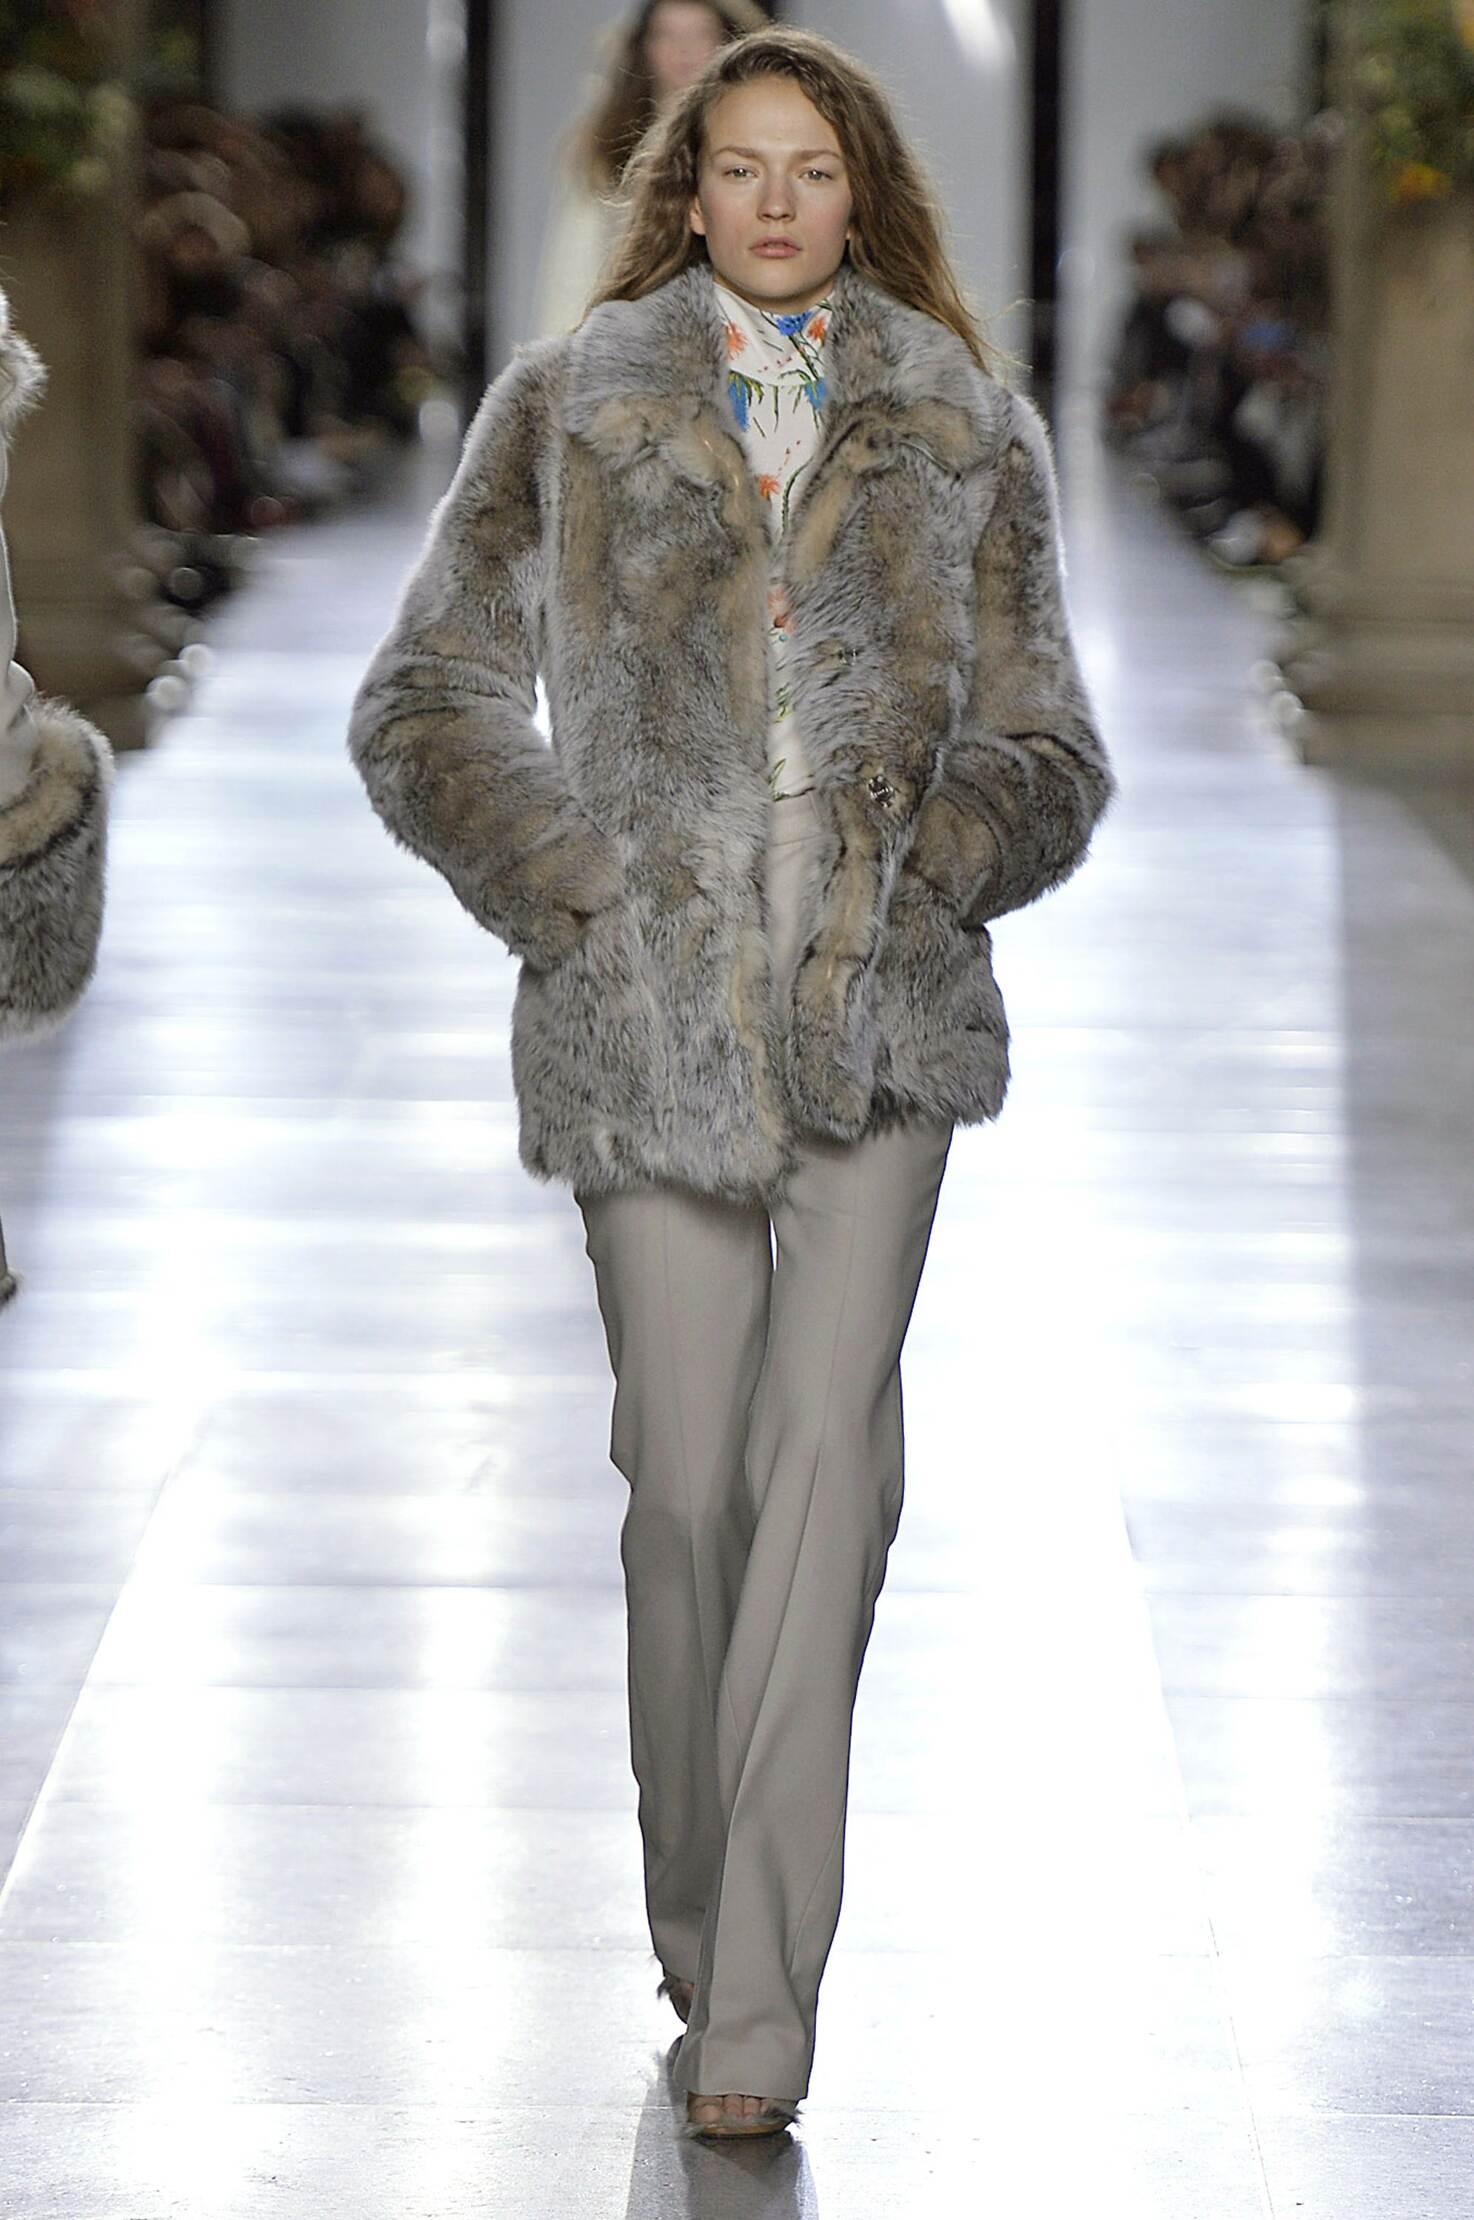 Winter 2015 Fashion Show Topshop Unique Collection